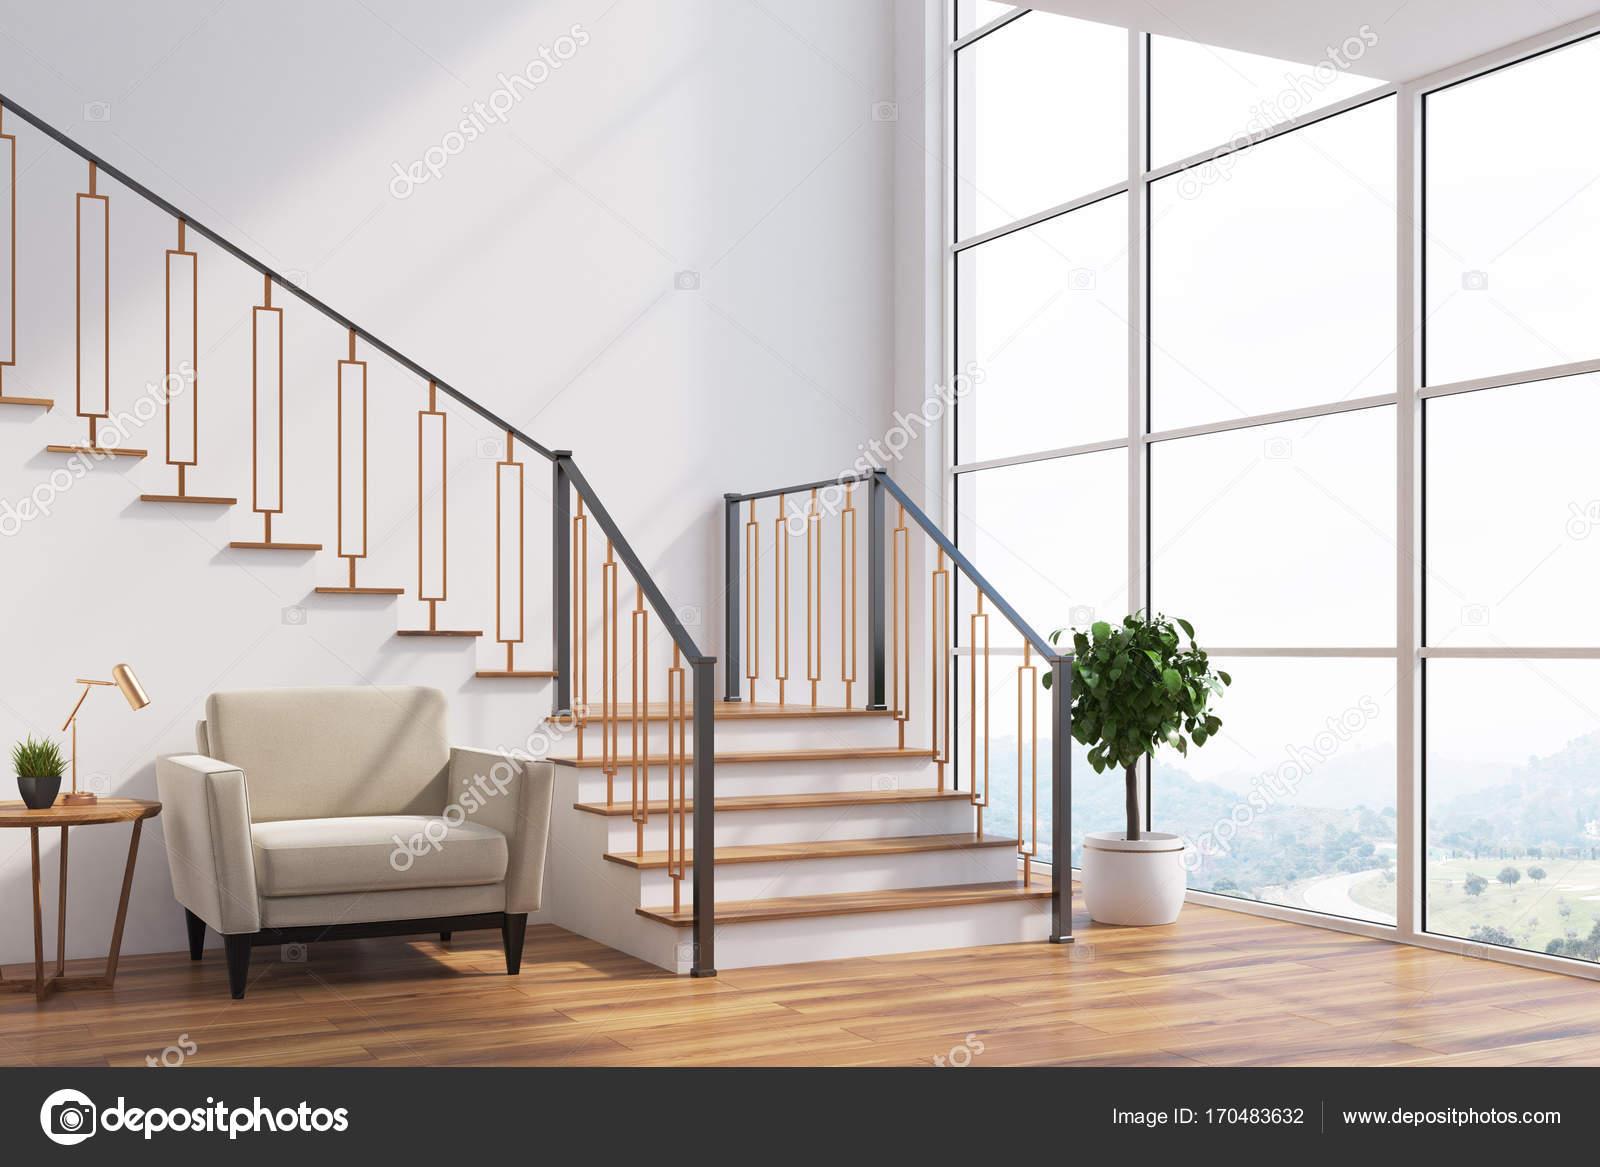 Weiße Wohnzimmer Interieur Mit Einer Treppe, Einem Weißen Sessel, Ein  Loft Fenster Und Eingemachten Baum. Seitenansicht. 3D Rendering Mock Up U2014  Foto Von ...